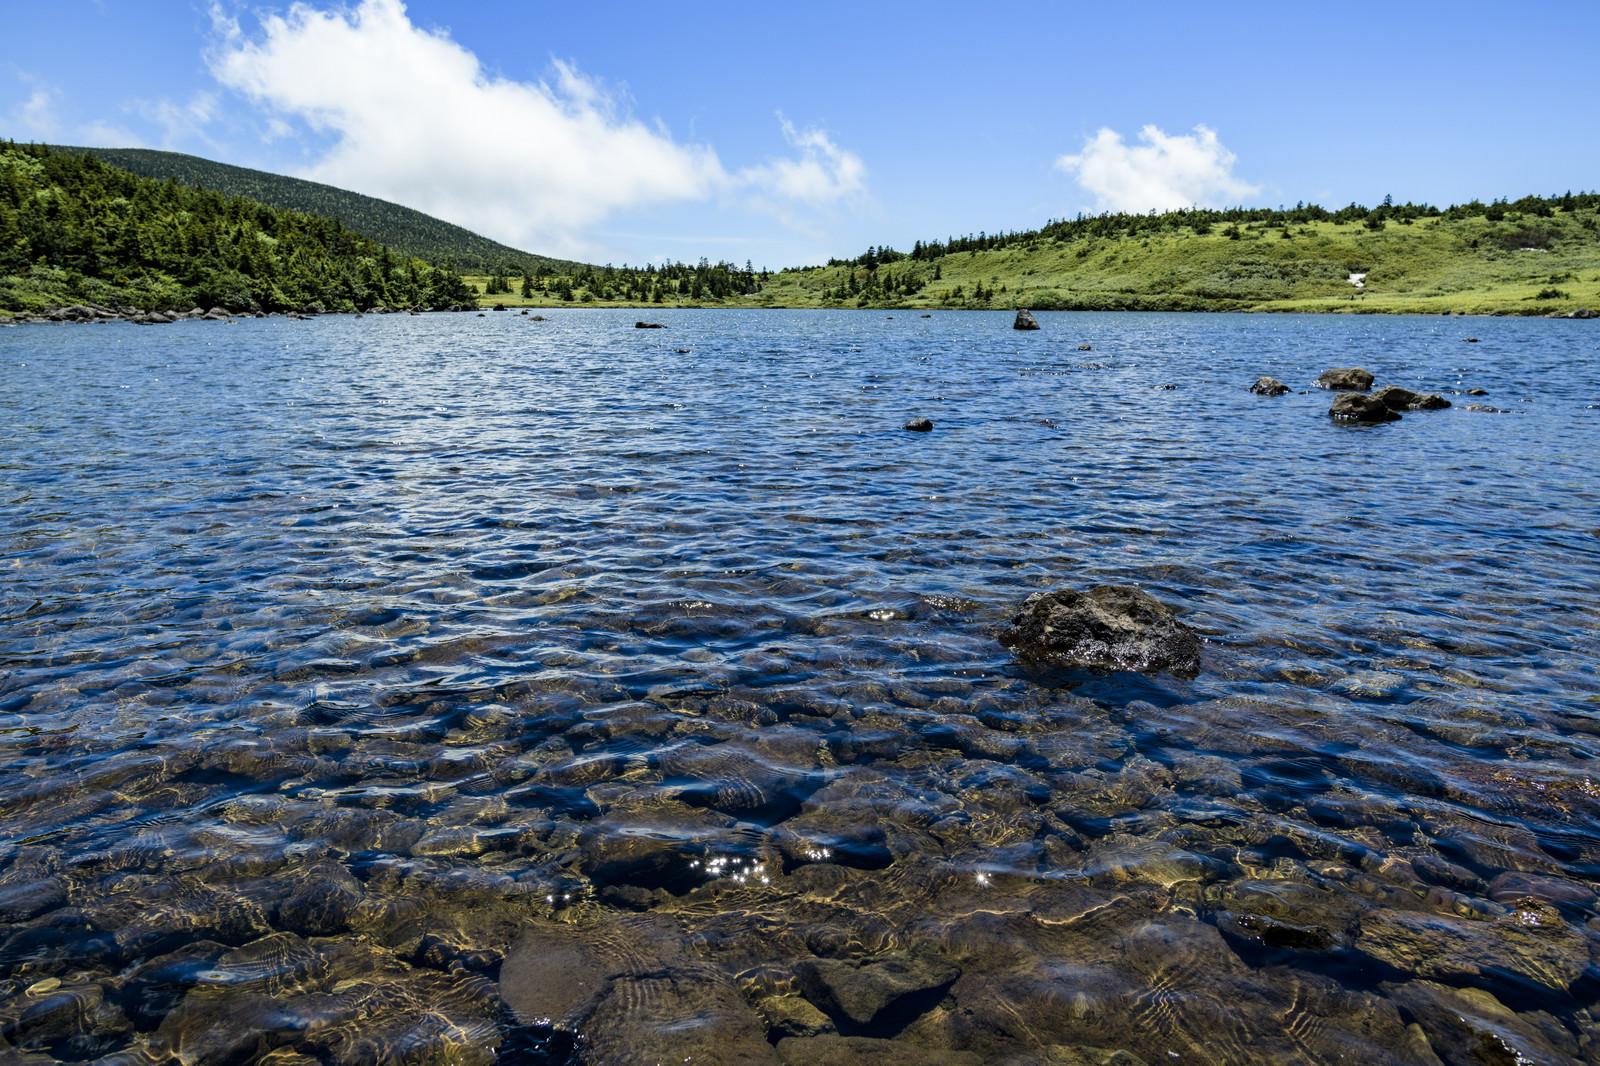 「青空が映り込む山の上の湖(吾妻連峰)」の写真